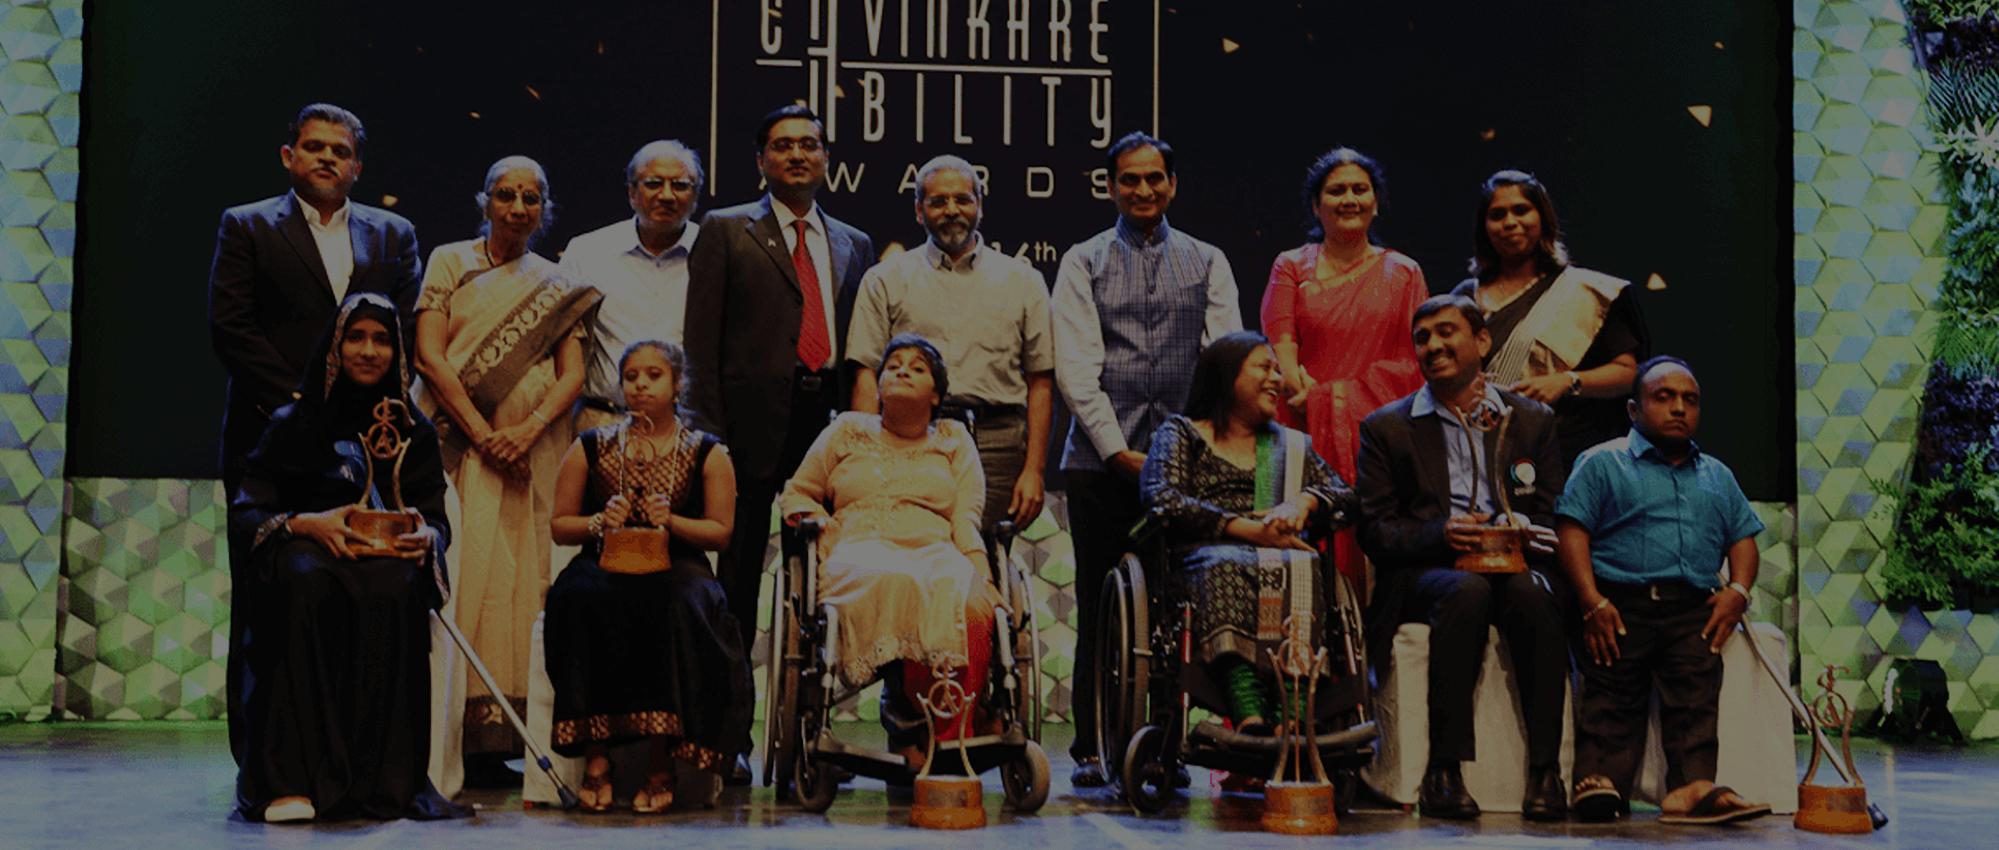 Ability Awards 2018